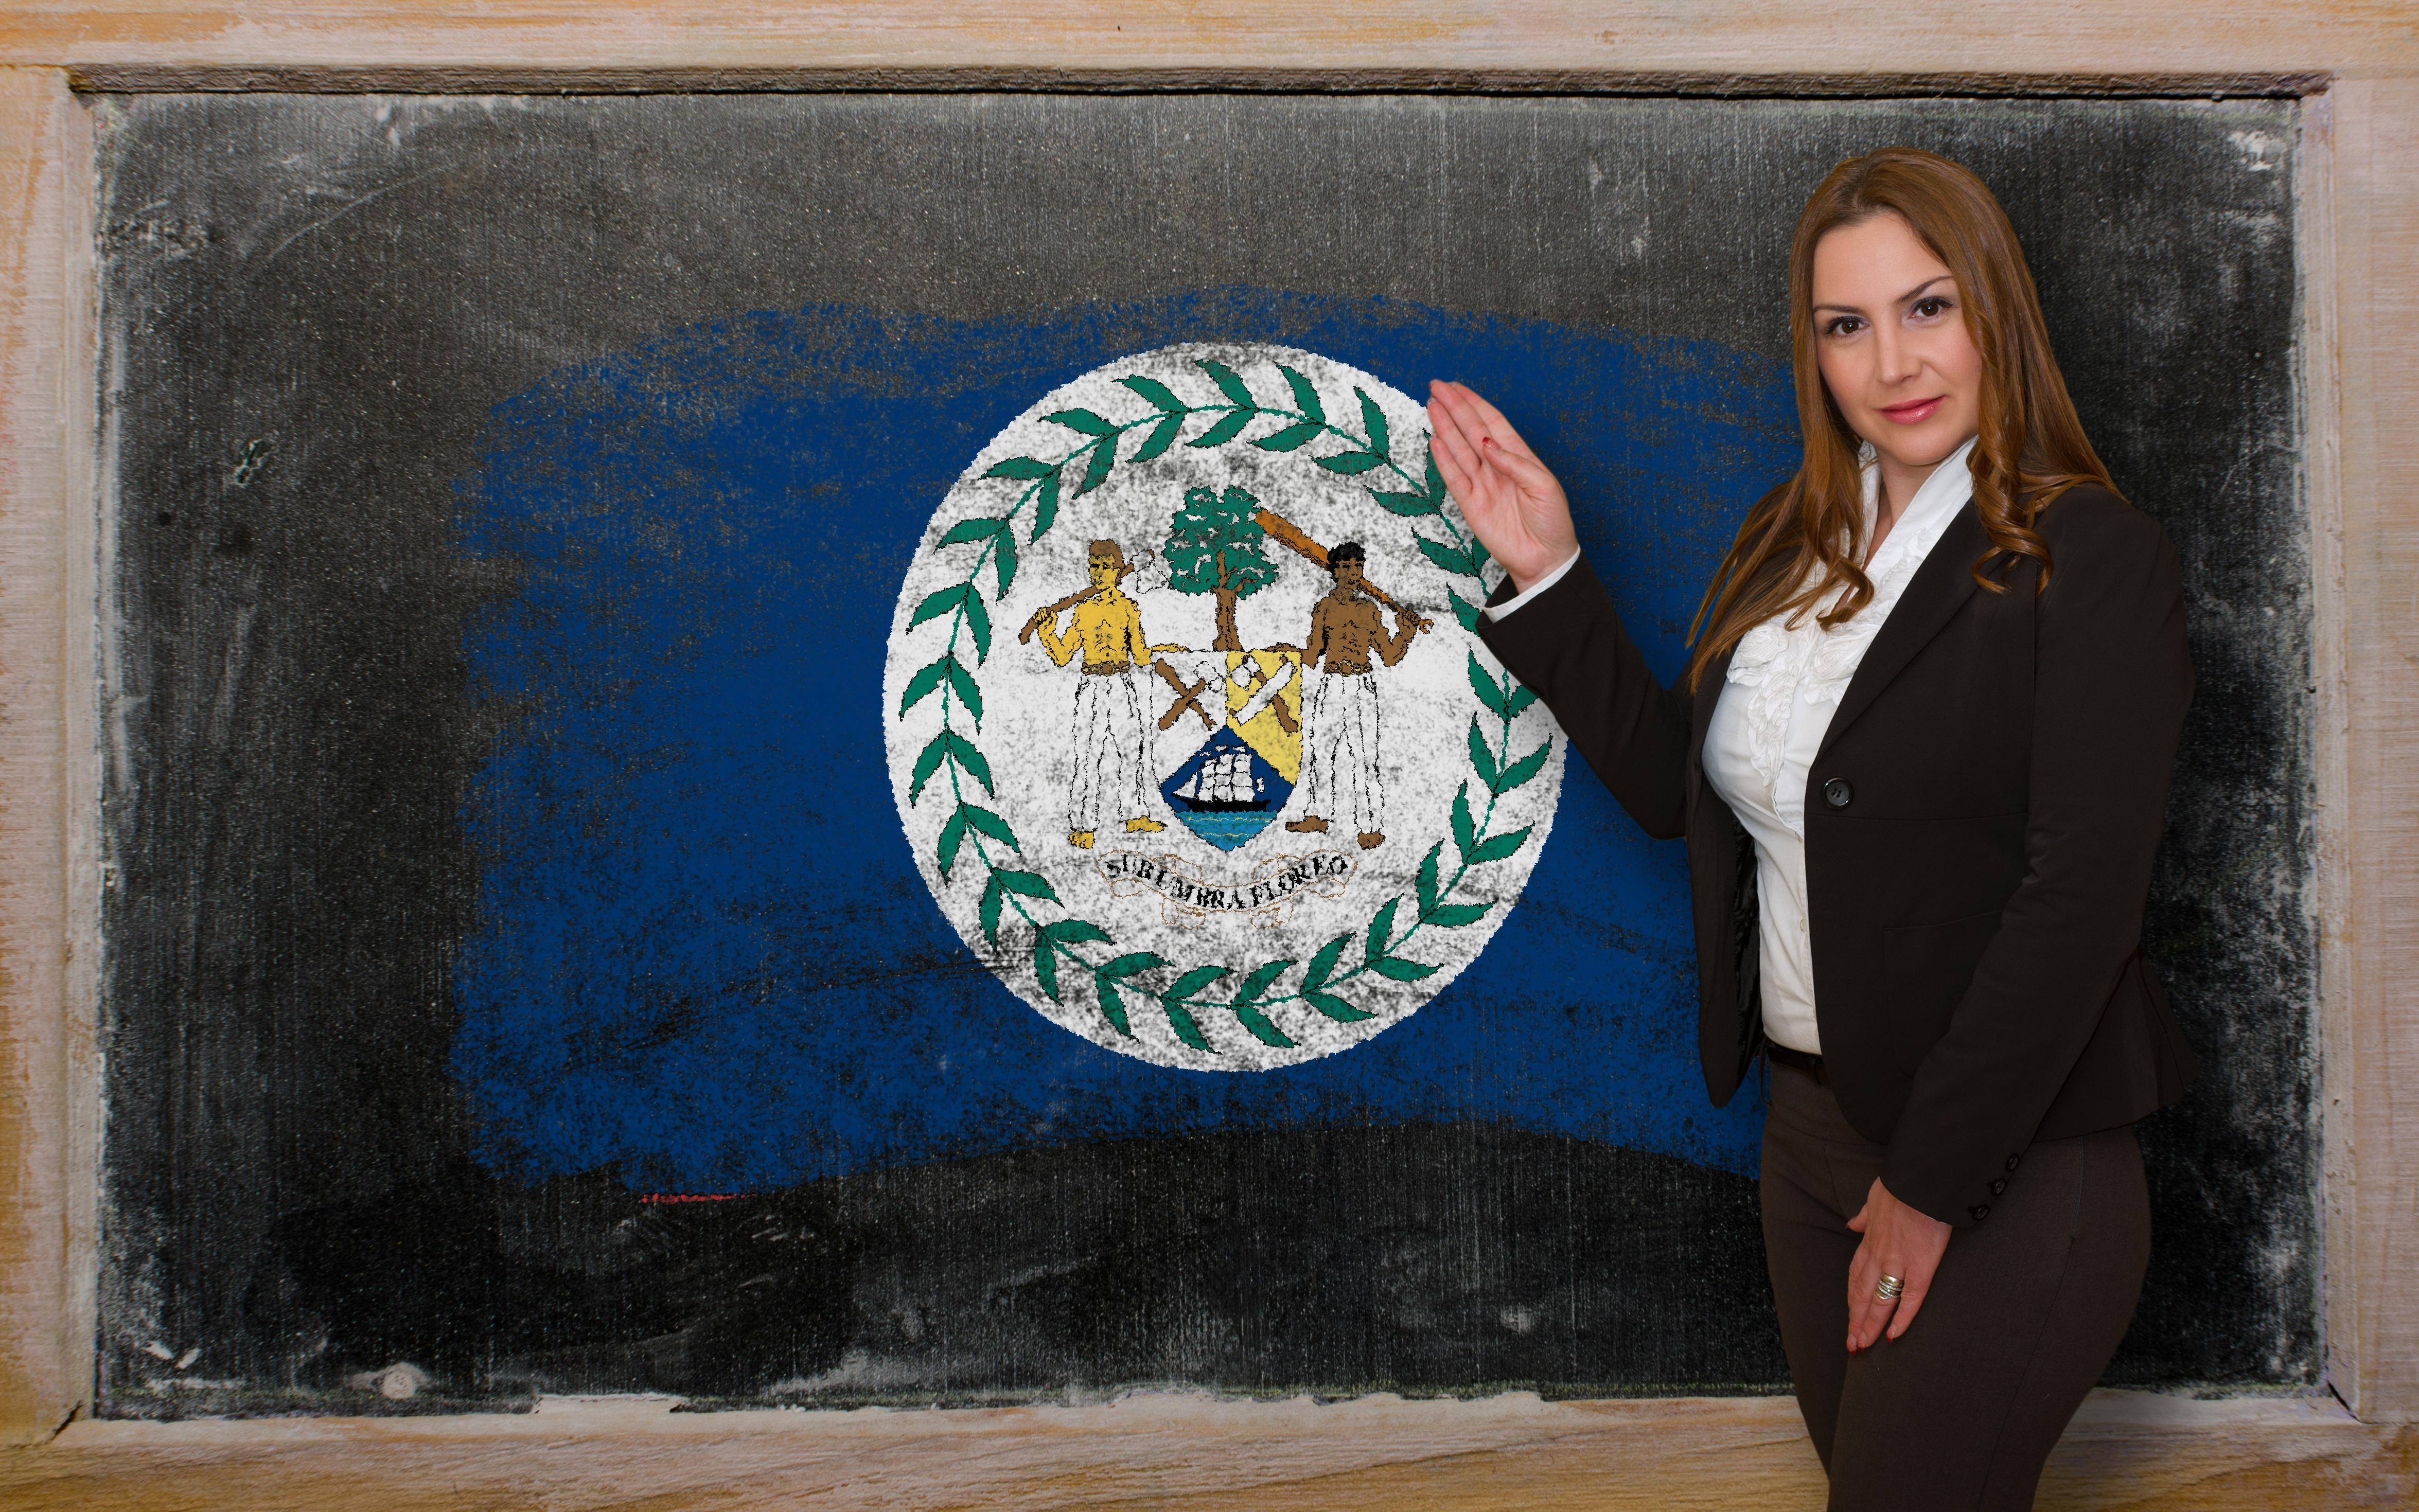 Женщина возле флага Белиза, где есть возможность обучаться для иностранцев